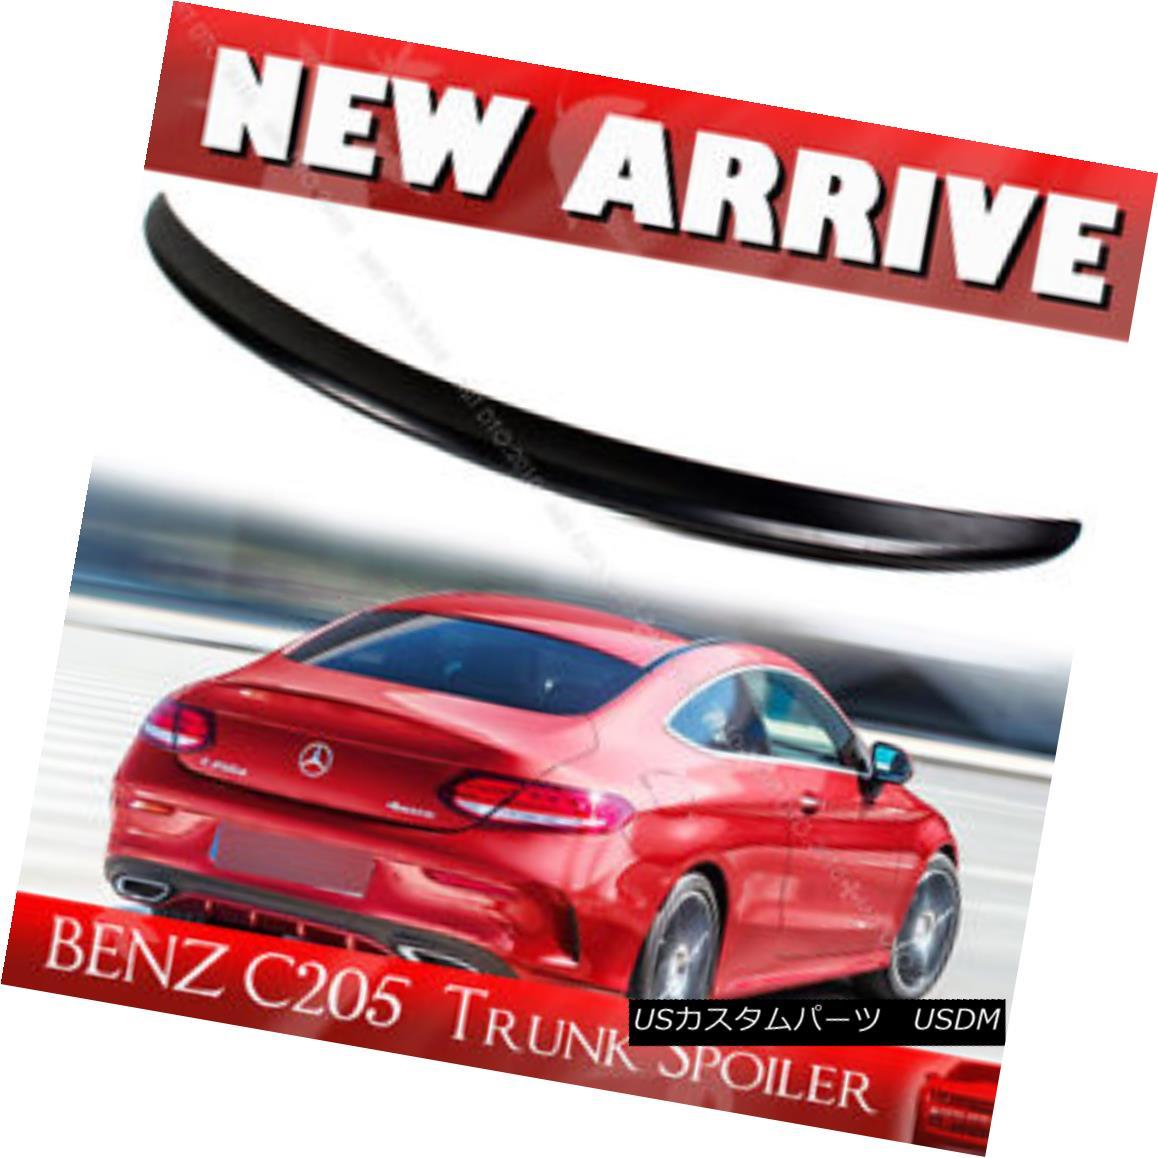 エアロパーツ 2016 Unpaint Mercedes BENZ C-Class C205 2D A Type Trunk Spoiler C250 C63 ABS 2016未塗装メルセデスベンツCクラスC205 2D AタイプトランクスポイラーC250 C63 ABS